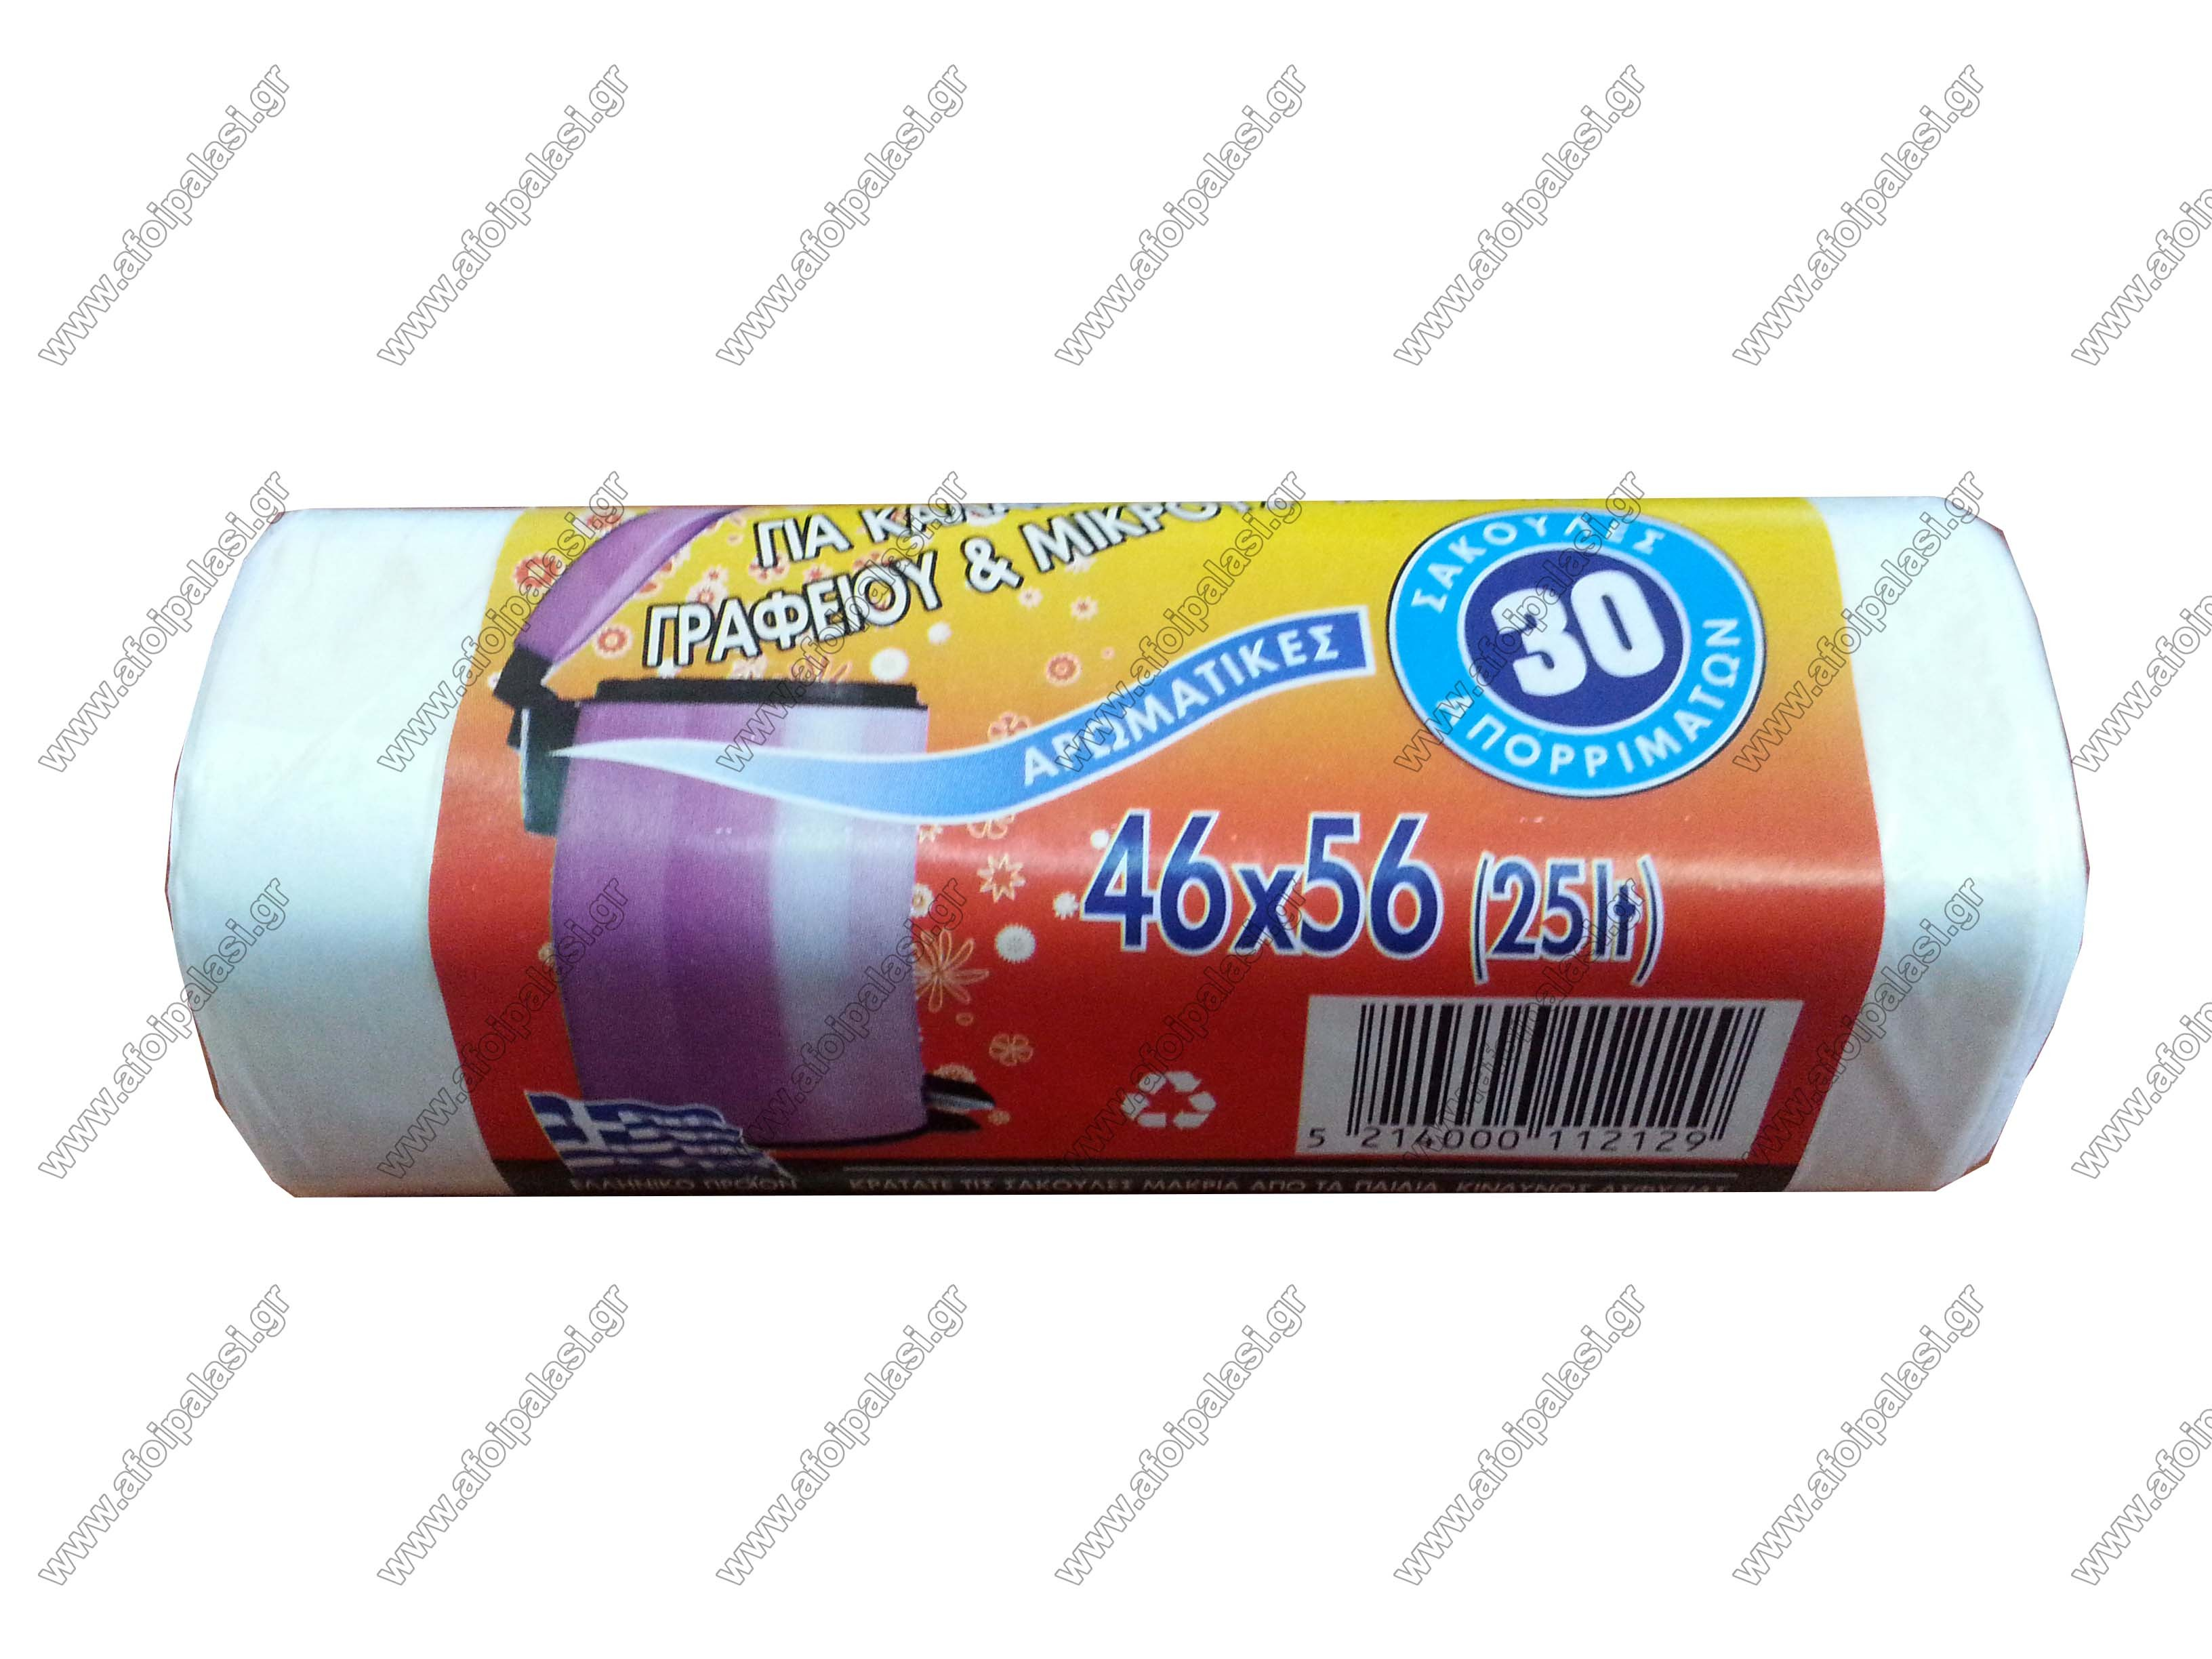 Αρωματικές Σακούλες WC 25 λίτρων 30 τεμάχια